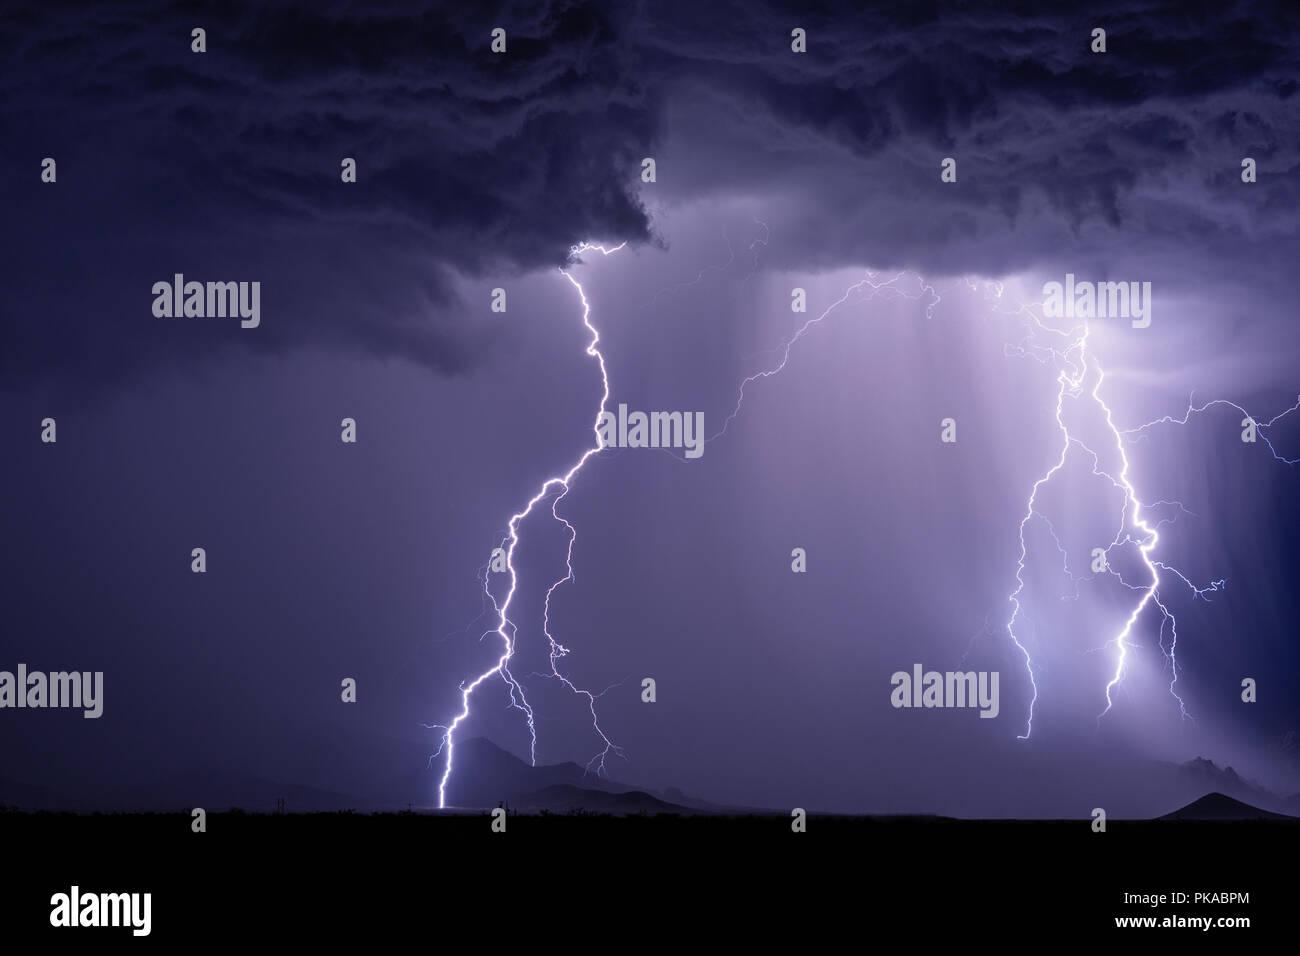 Les éclairs frapper le Dragoon Mountains dans le sud-est de l'Arizona au cours d'une tempête de mousson. Banque D'Images